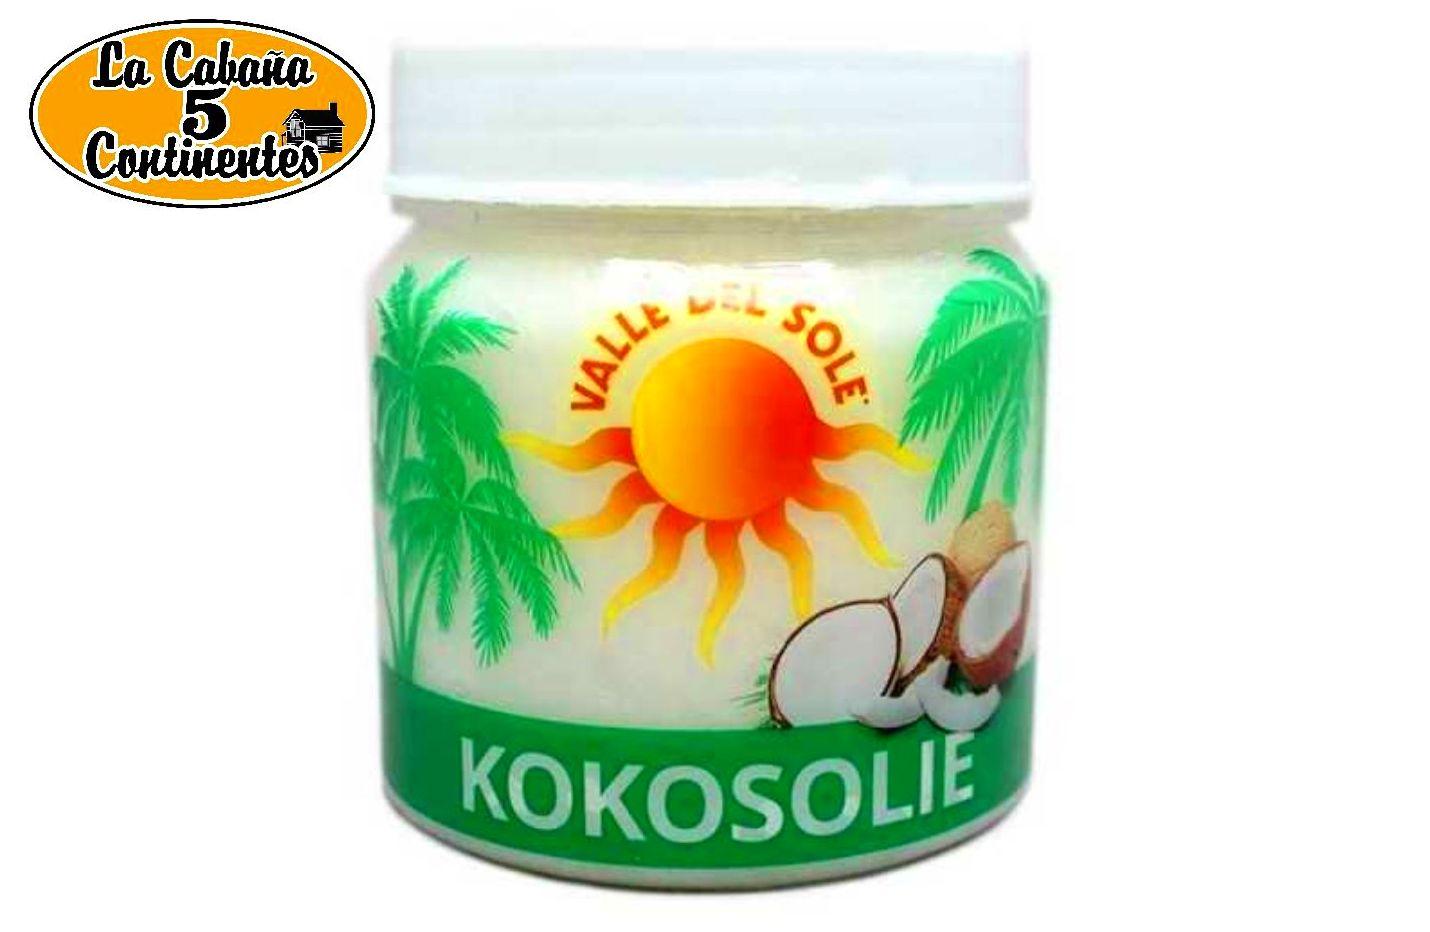 ACEITE DE COCO ORGANICO KOKOSOLEI: PRODUCTOS de La Cabaña 5 continentes